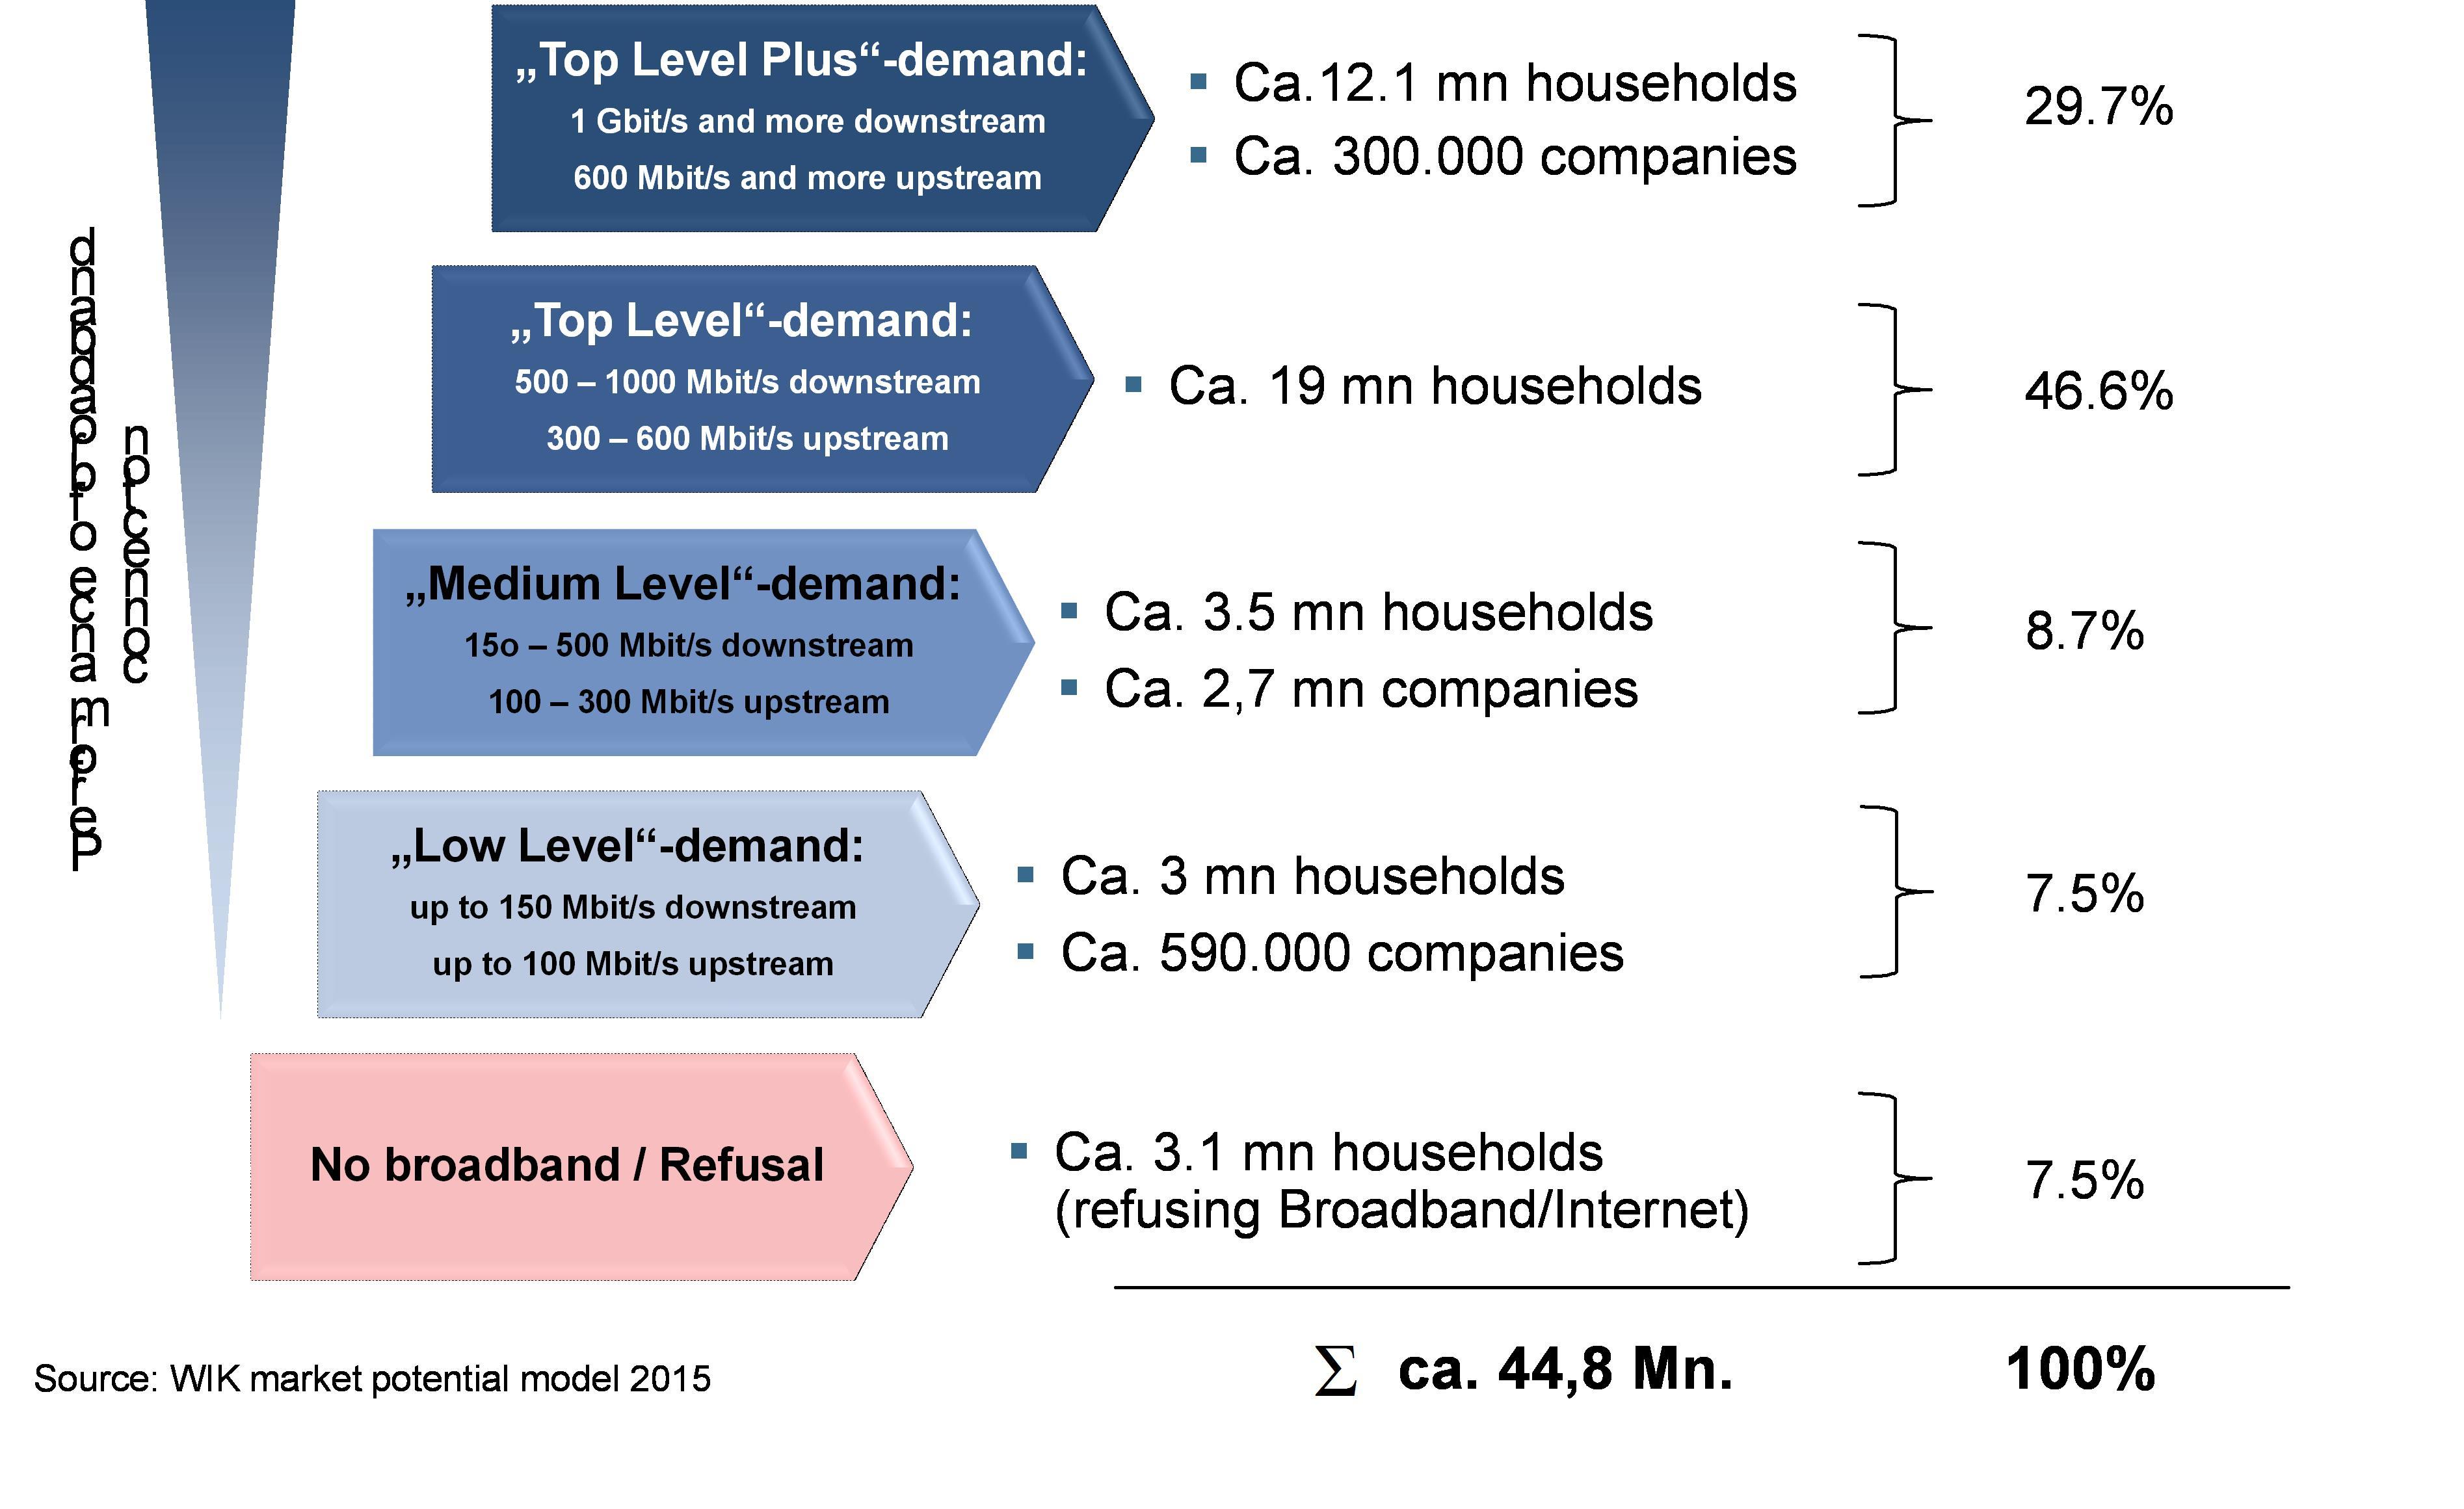 Eur Lex 52016sc0303 En Power Distribution Switch Mic 2025 1